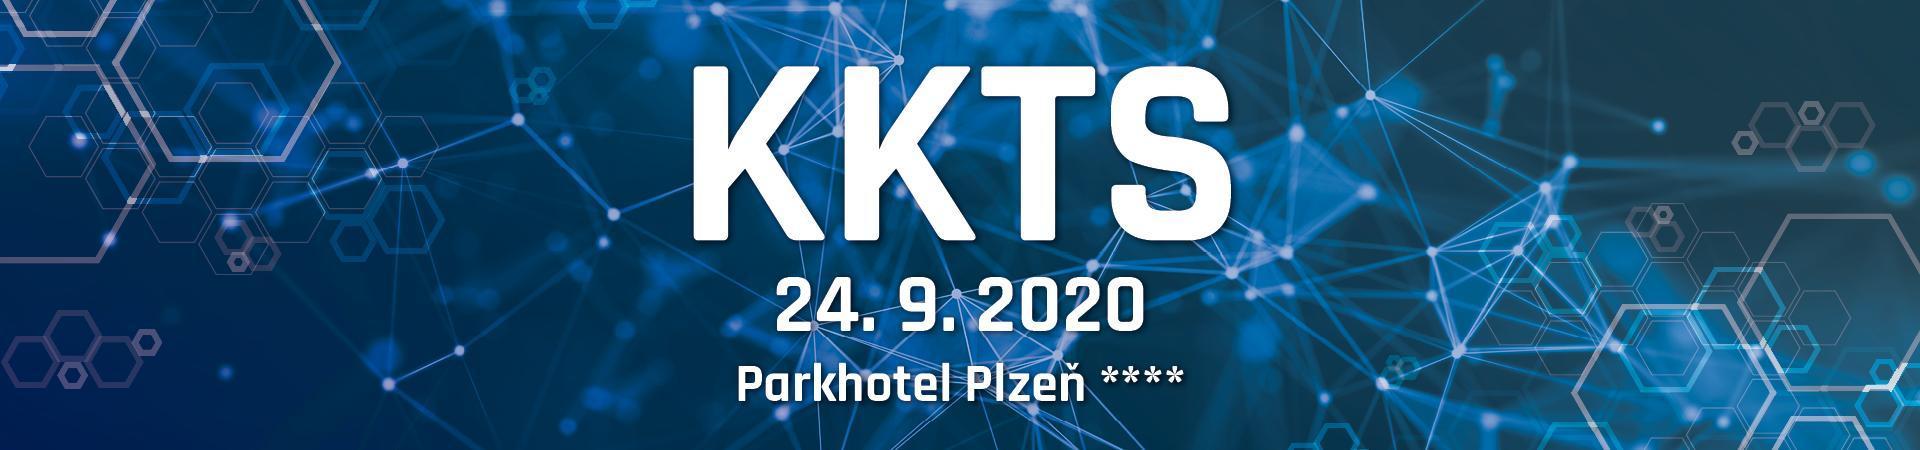 KKTS Plzeň 2020 banner